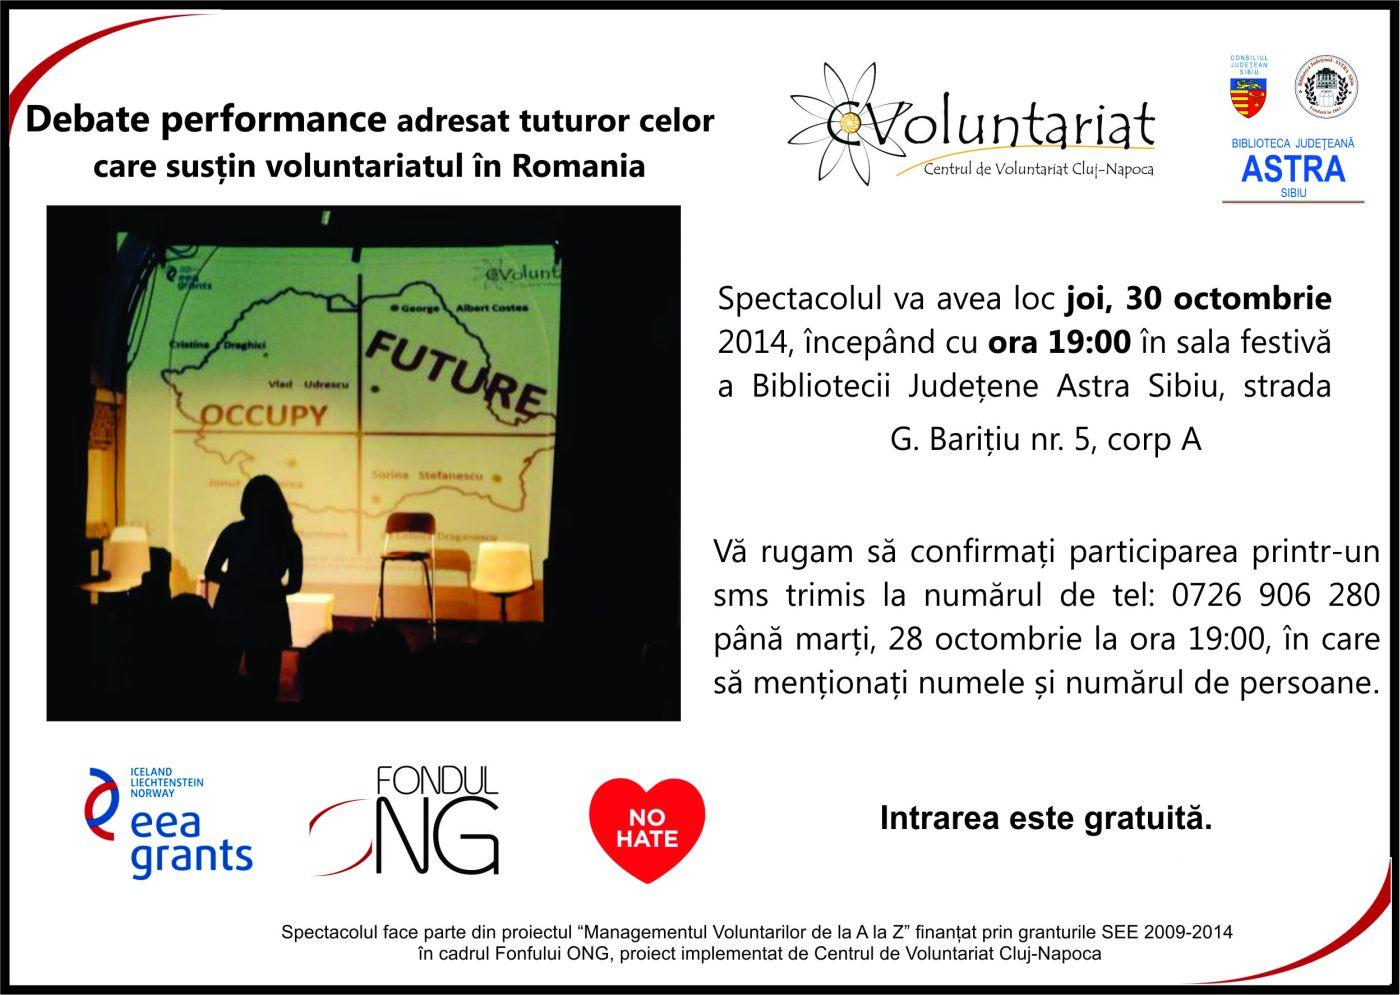 Călătorie într-un viitor dedicat voluntariatului